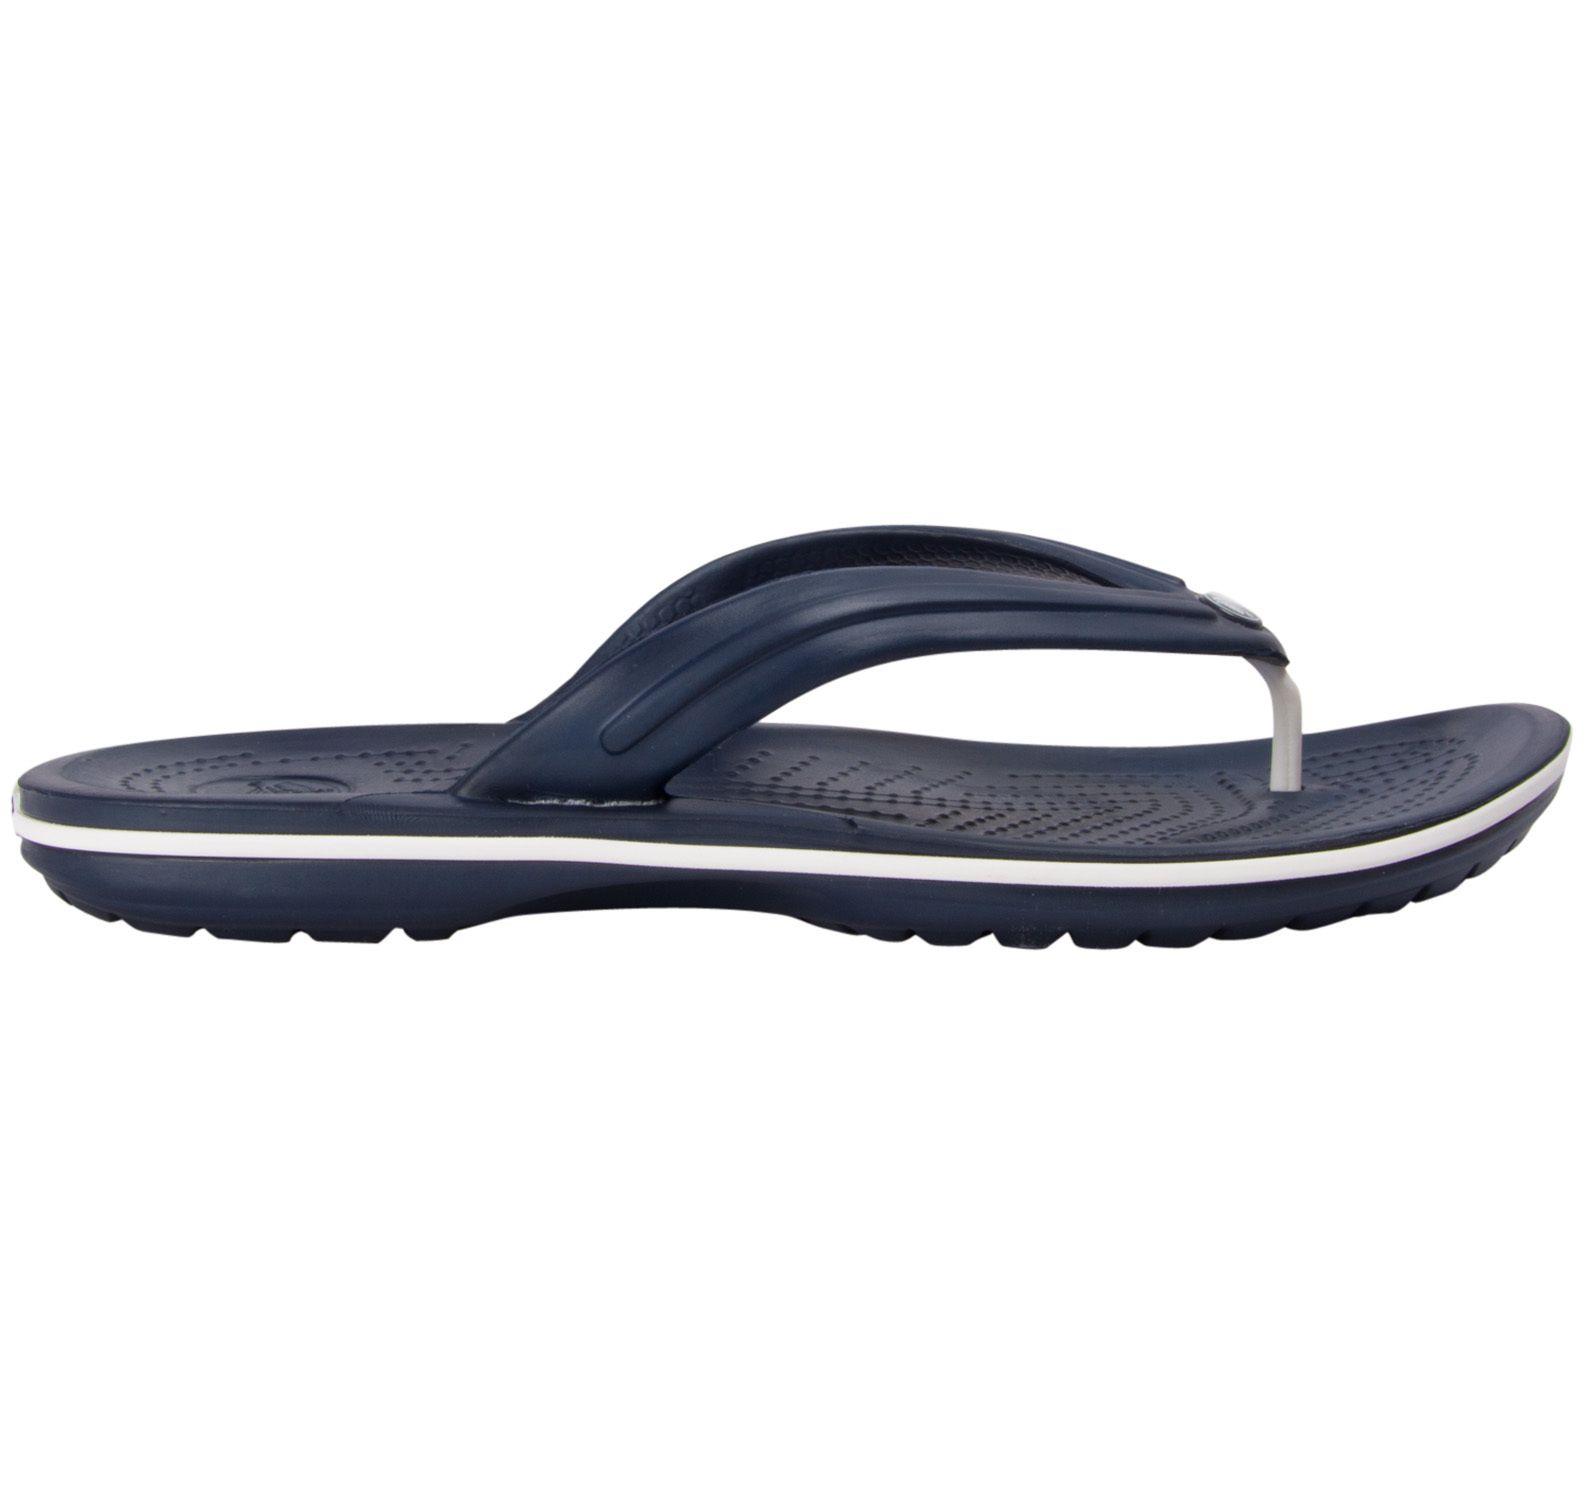 Crocband Flip, Navy, 39-40,  Crocs